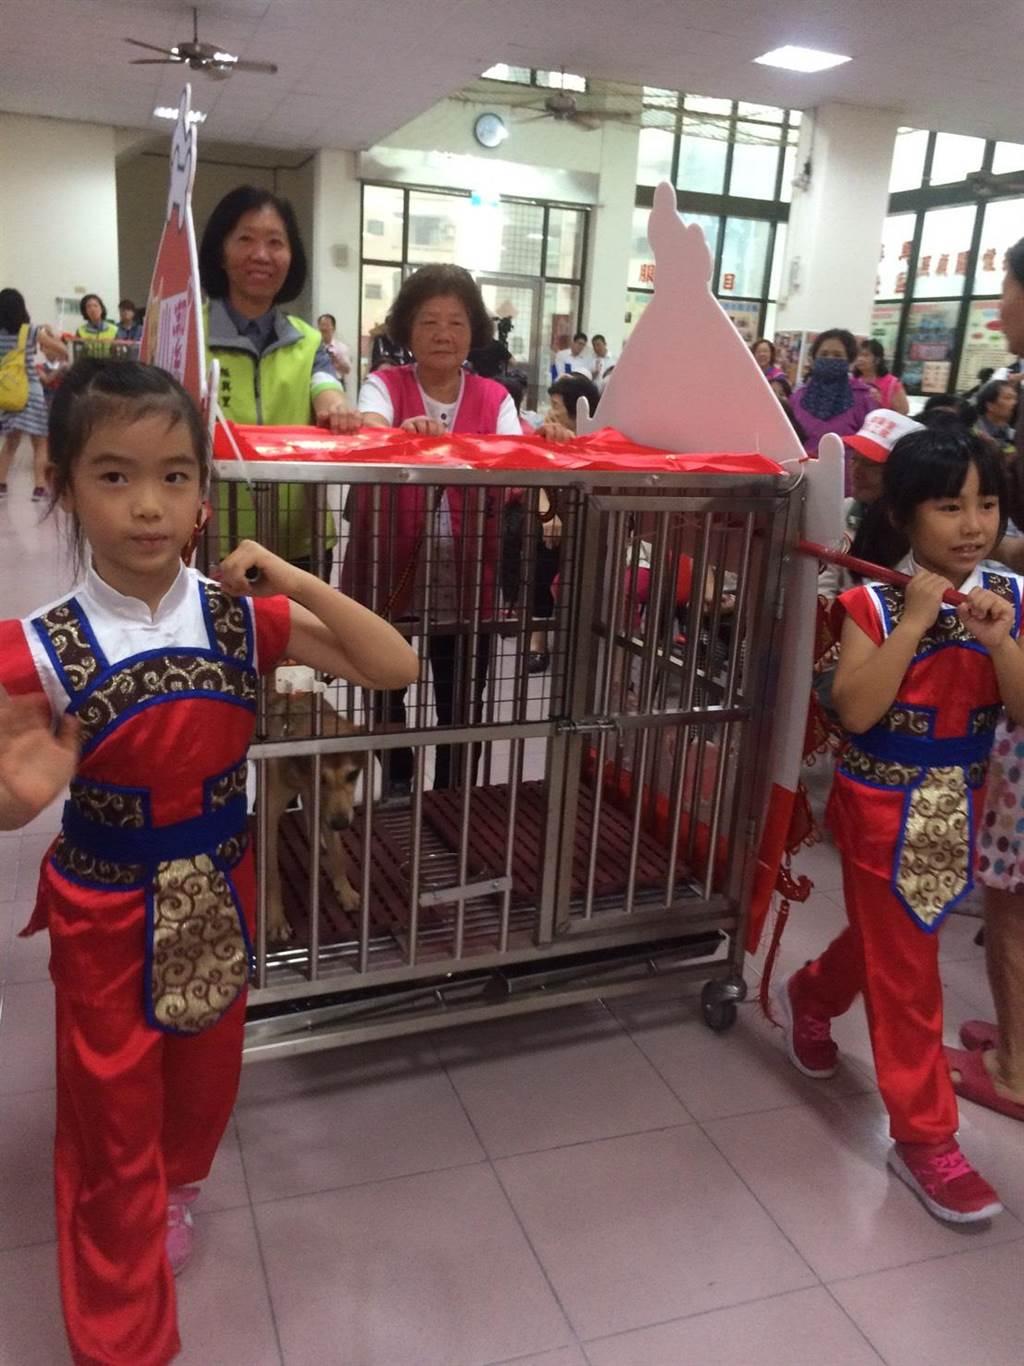 振興社區將狗籠打造成花轎,從動保處迎娶三隻流浪犬進門。(程炳璋攝)